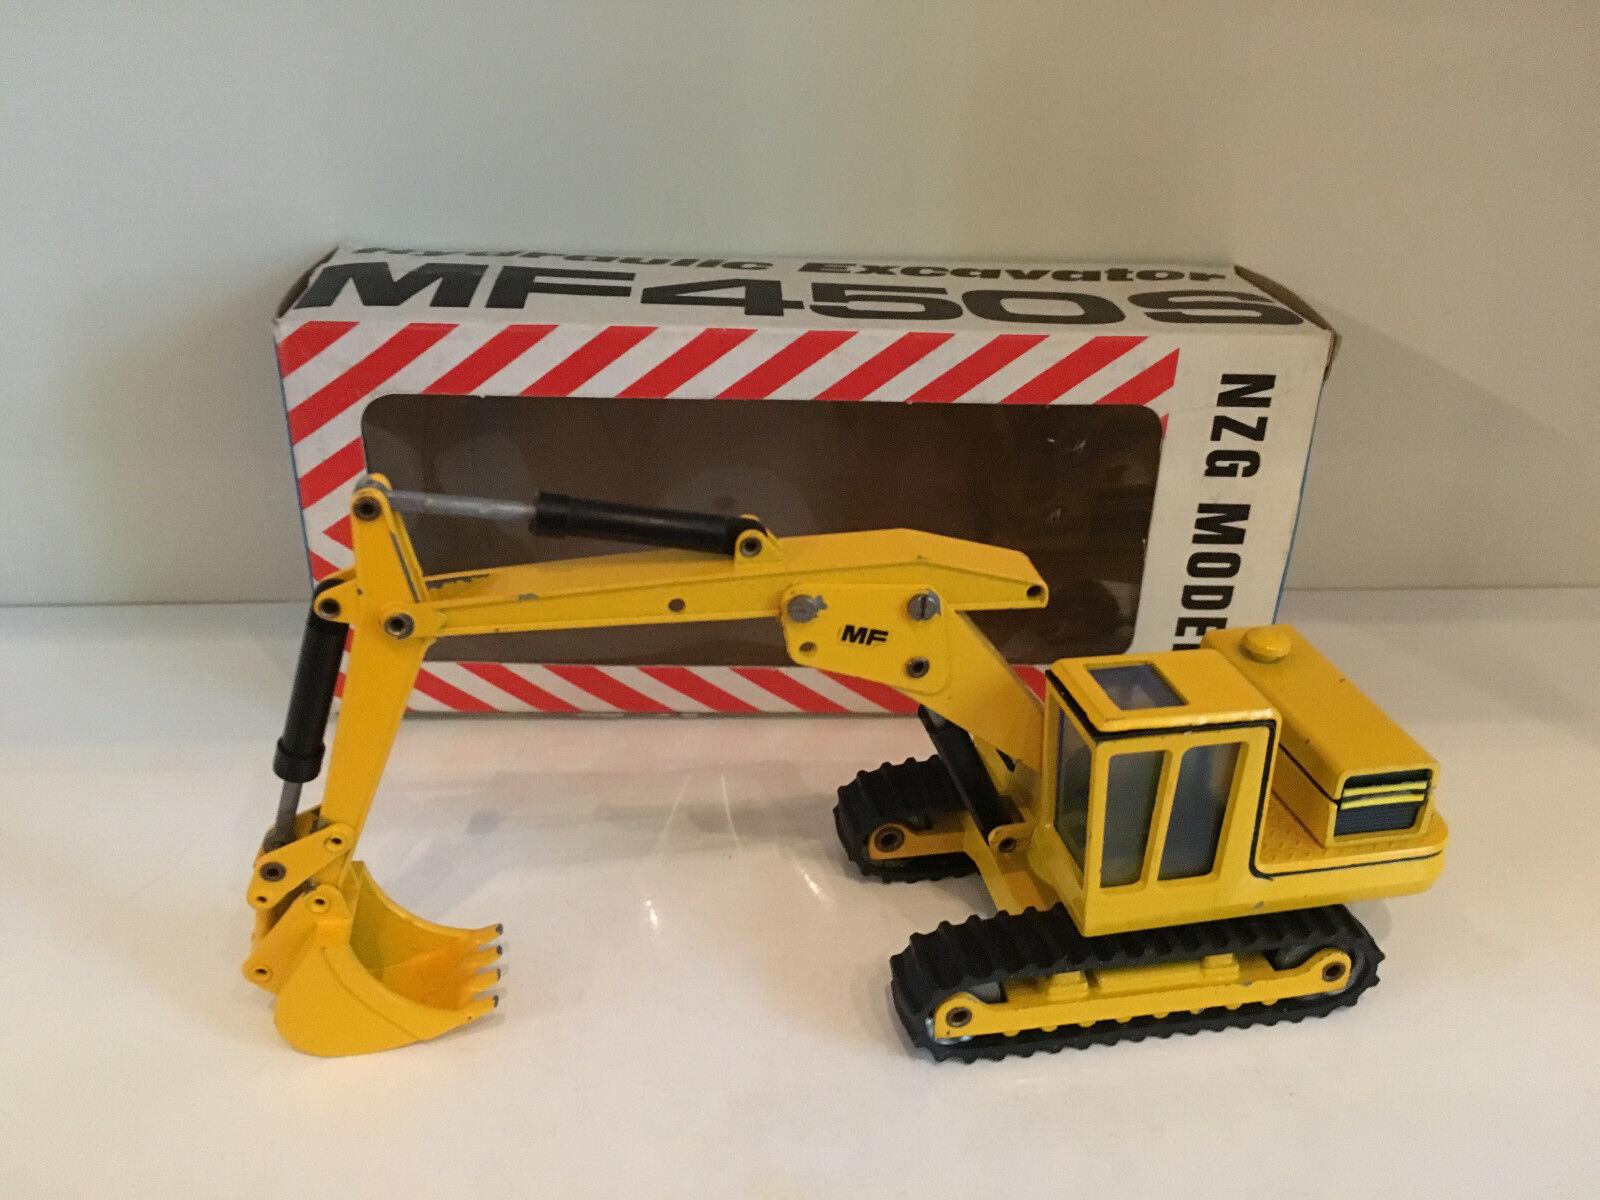 MF 450 S Chaînes Excavateurs jaune de NZG 106 1 50 Neuf Dans Sa Boîte